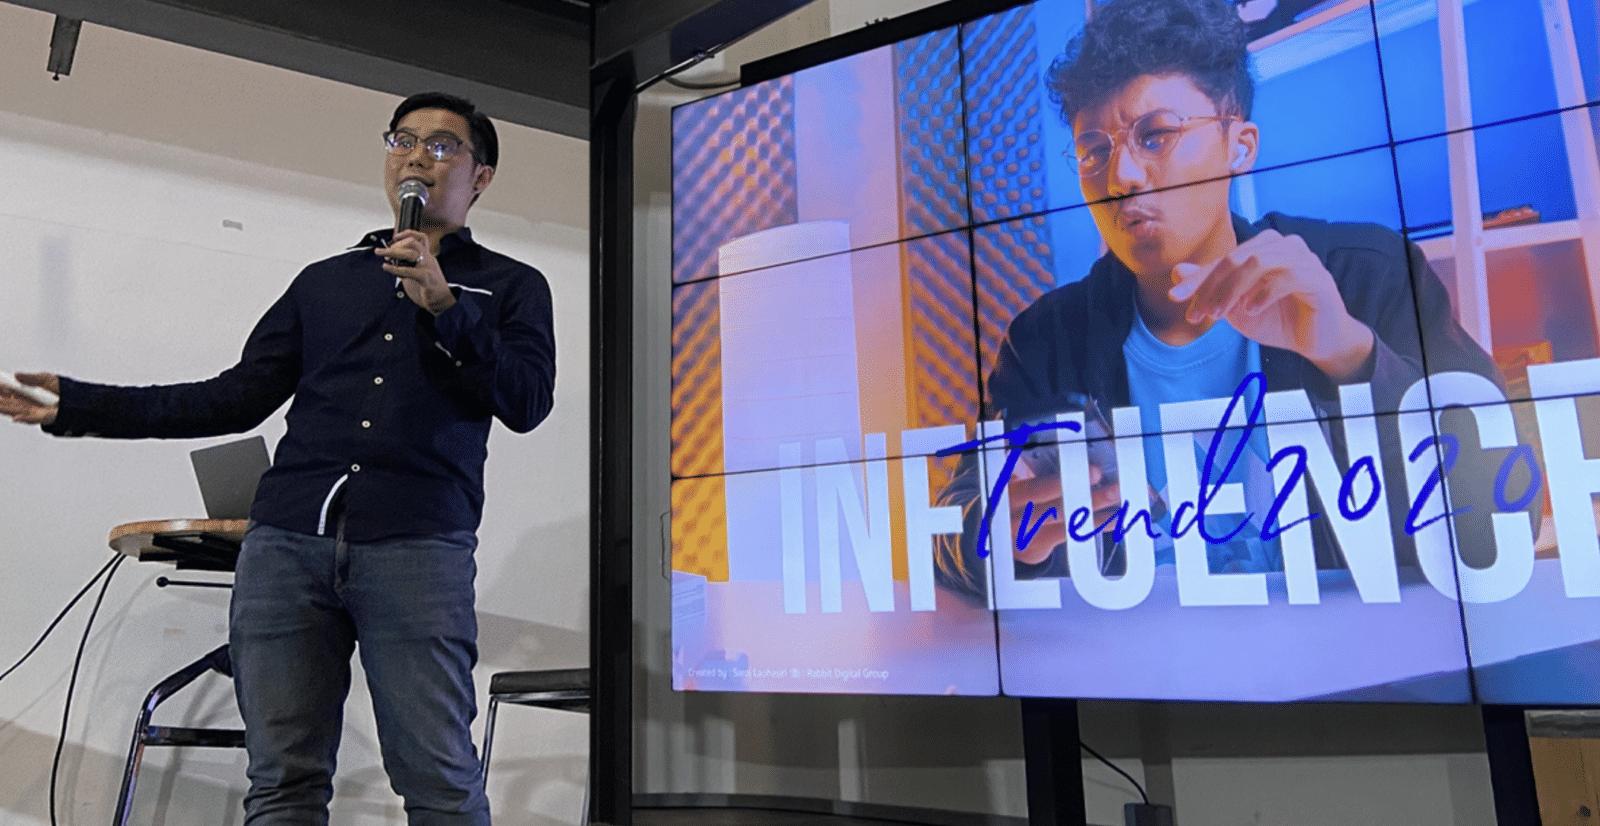 Influencer ควรรู้อะไร 2020 อัพเดทมุมมองของเอเจนซี ทุกเรื่องที่ควรรู้ก่อนรับงานลูกค้าโดยสโรจ  ขบคิดการตลาด